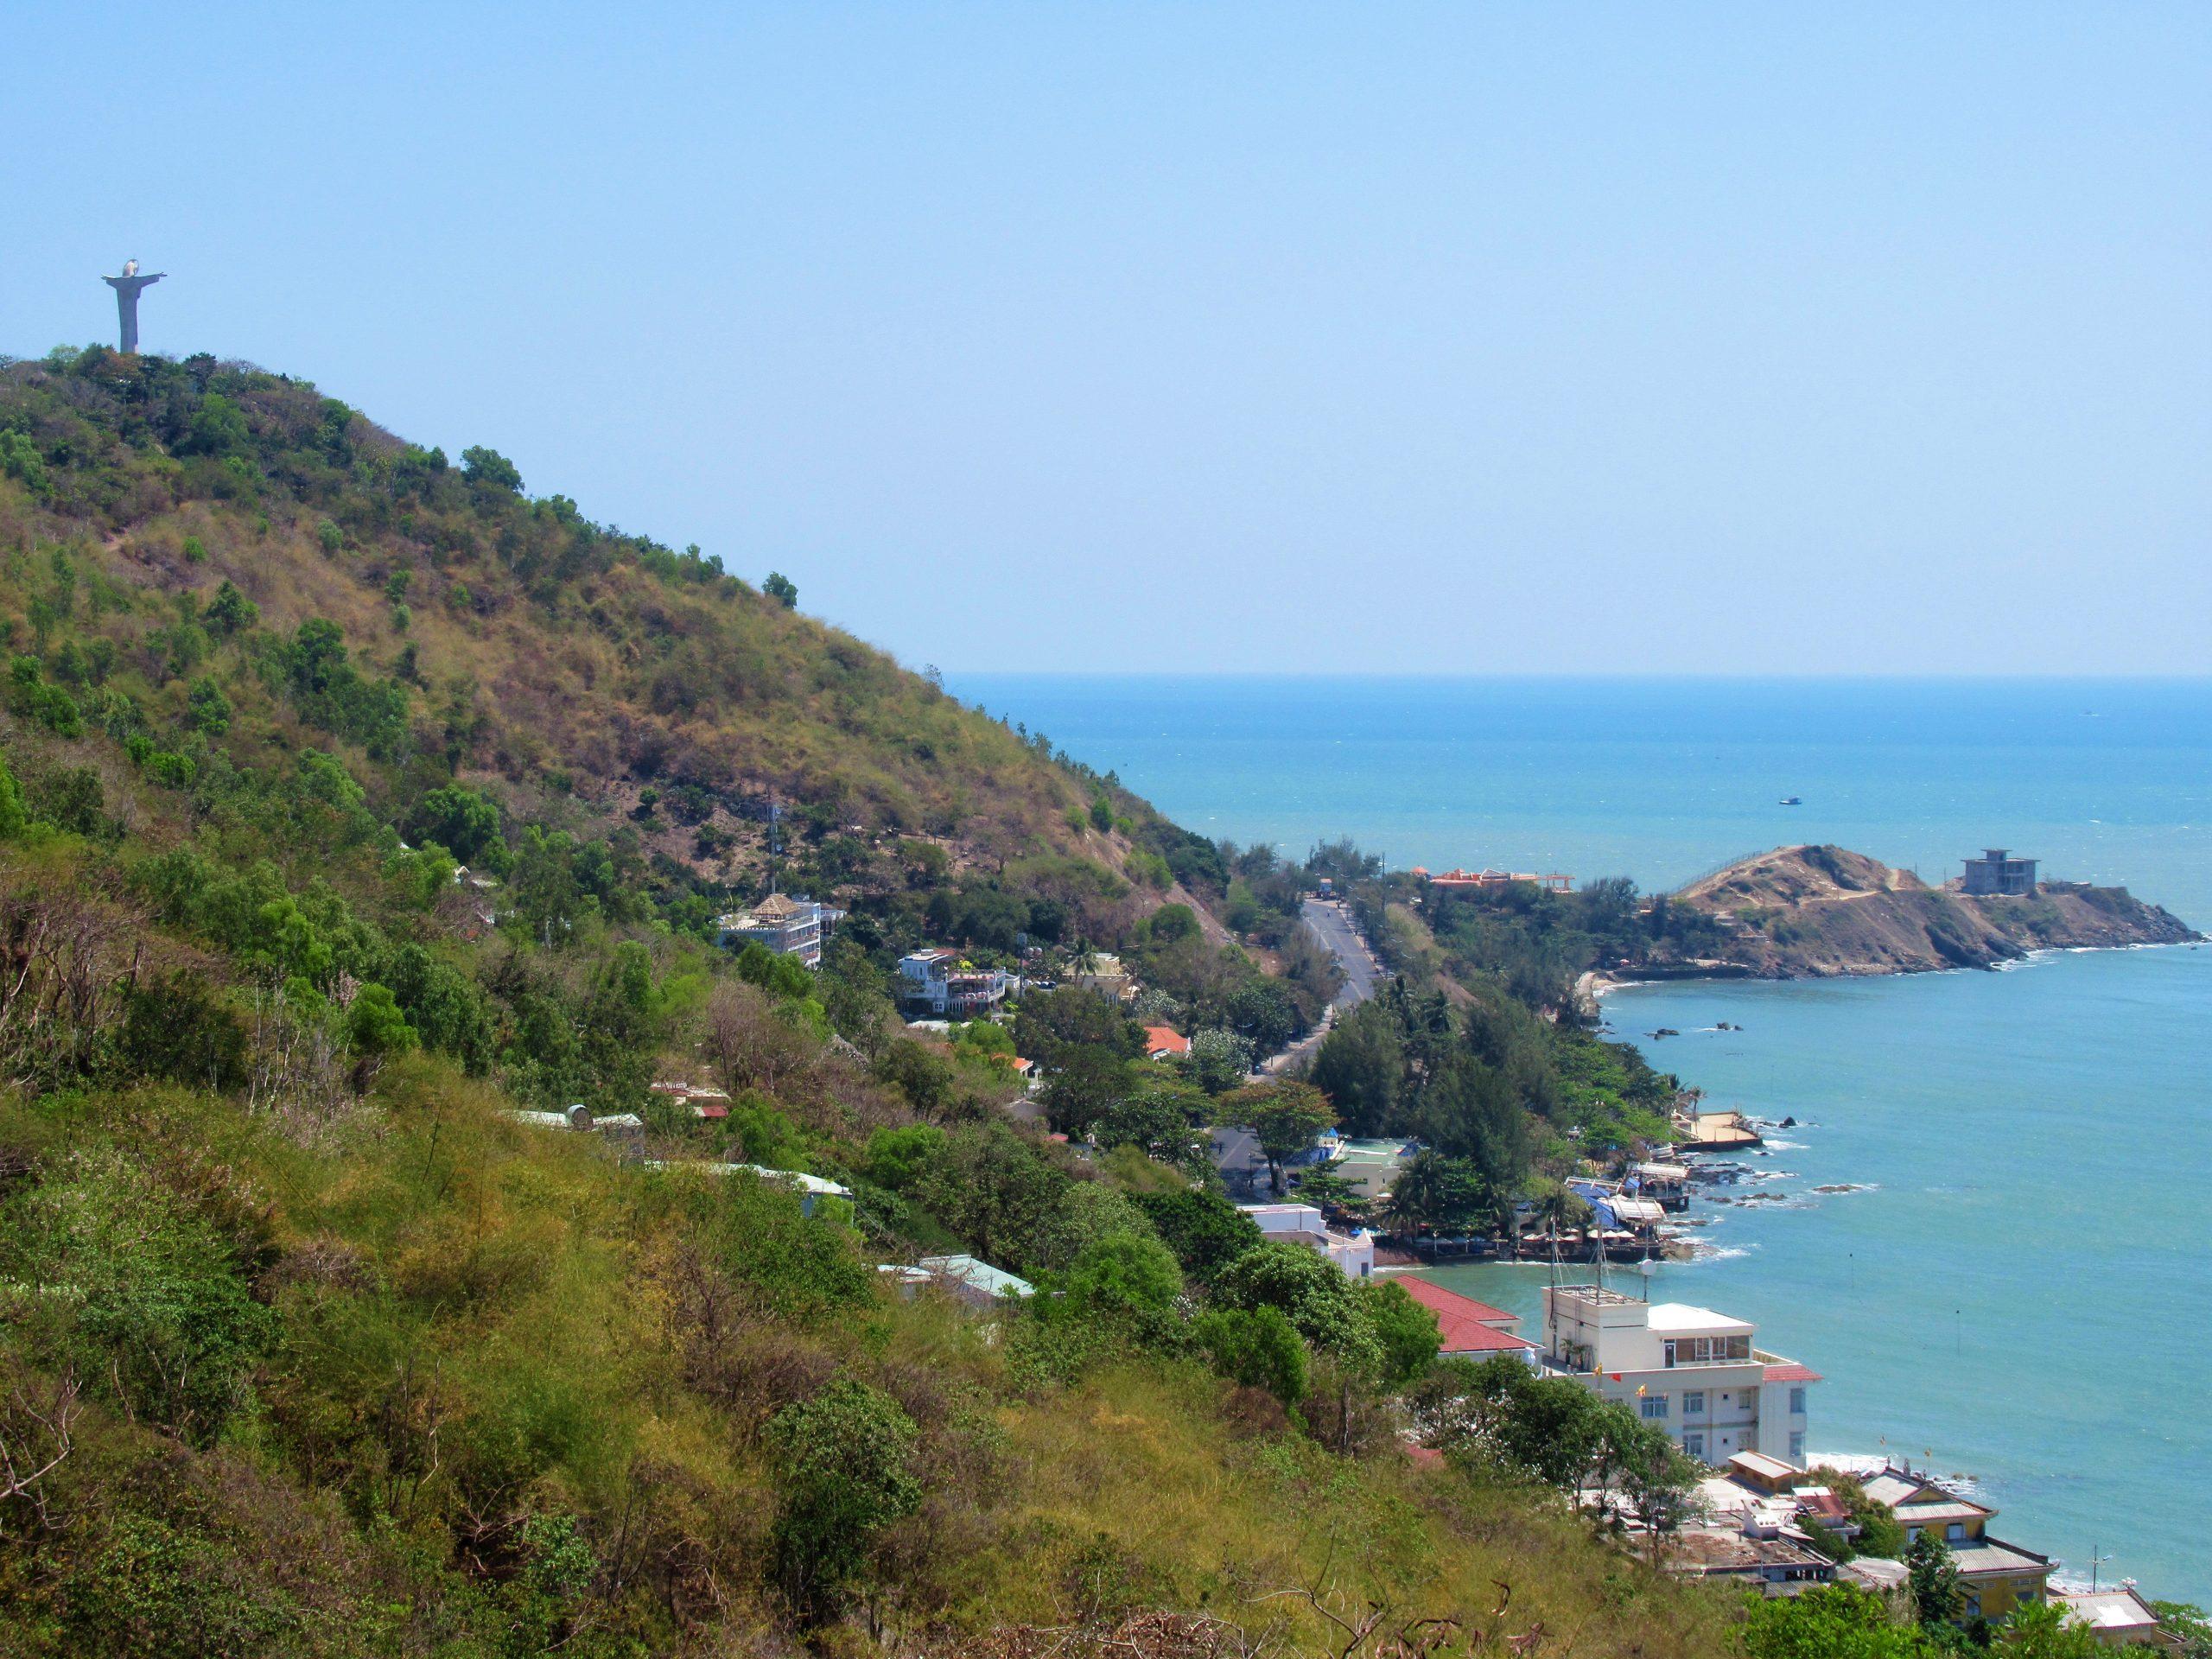 Vung Tau, Bãu Dứa Bay, Vietnam